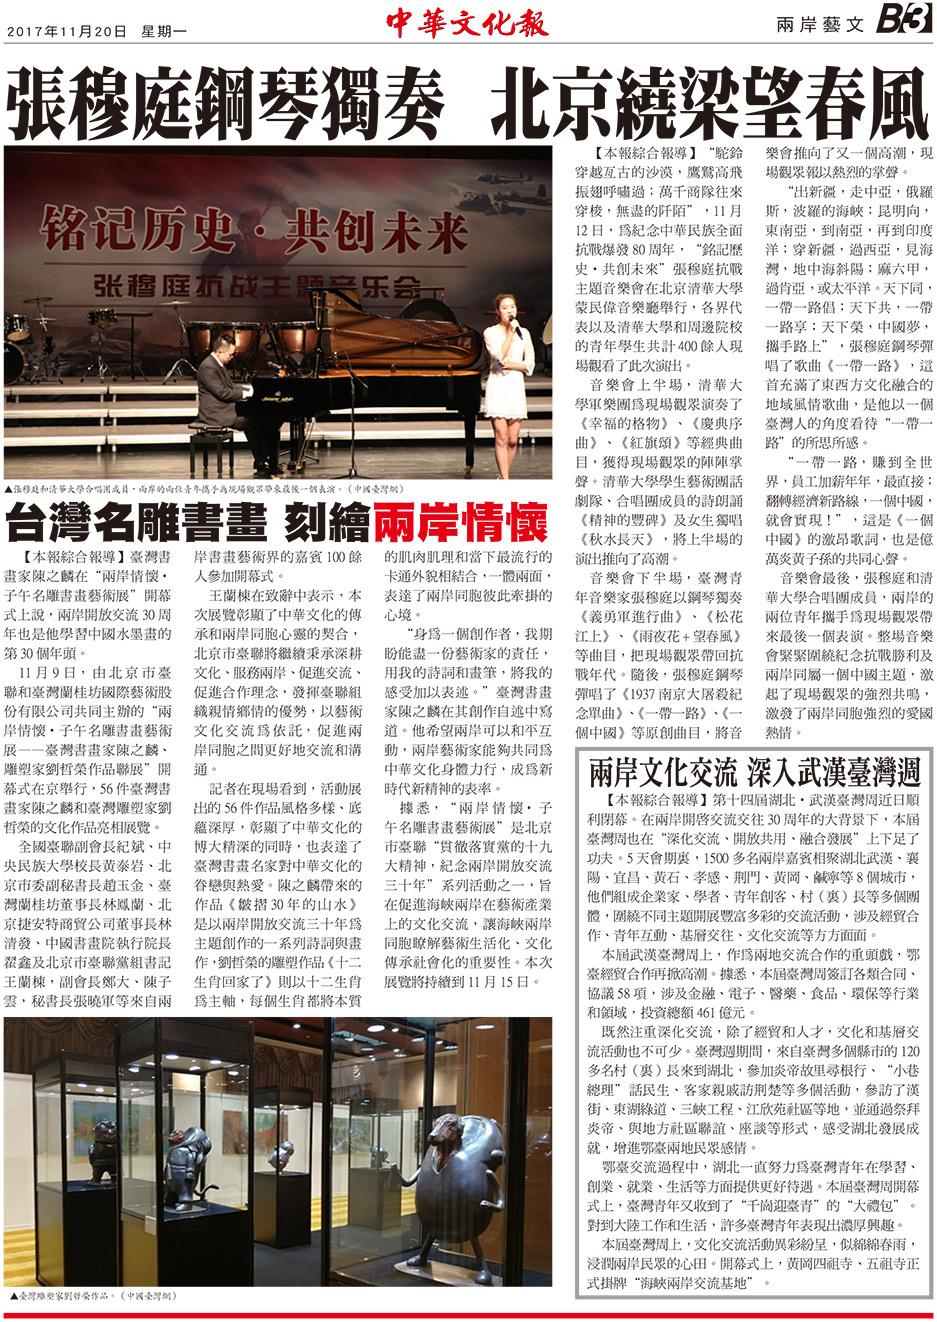 張穆庭鋼琴獨奏 北京繞梁望春風